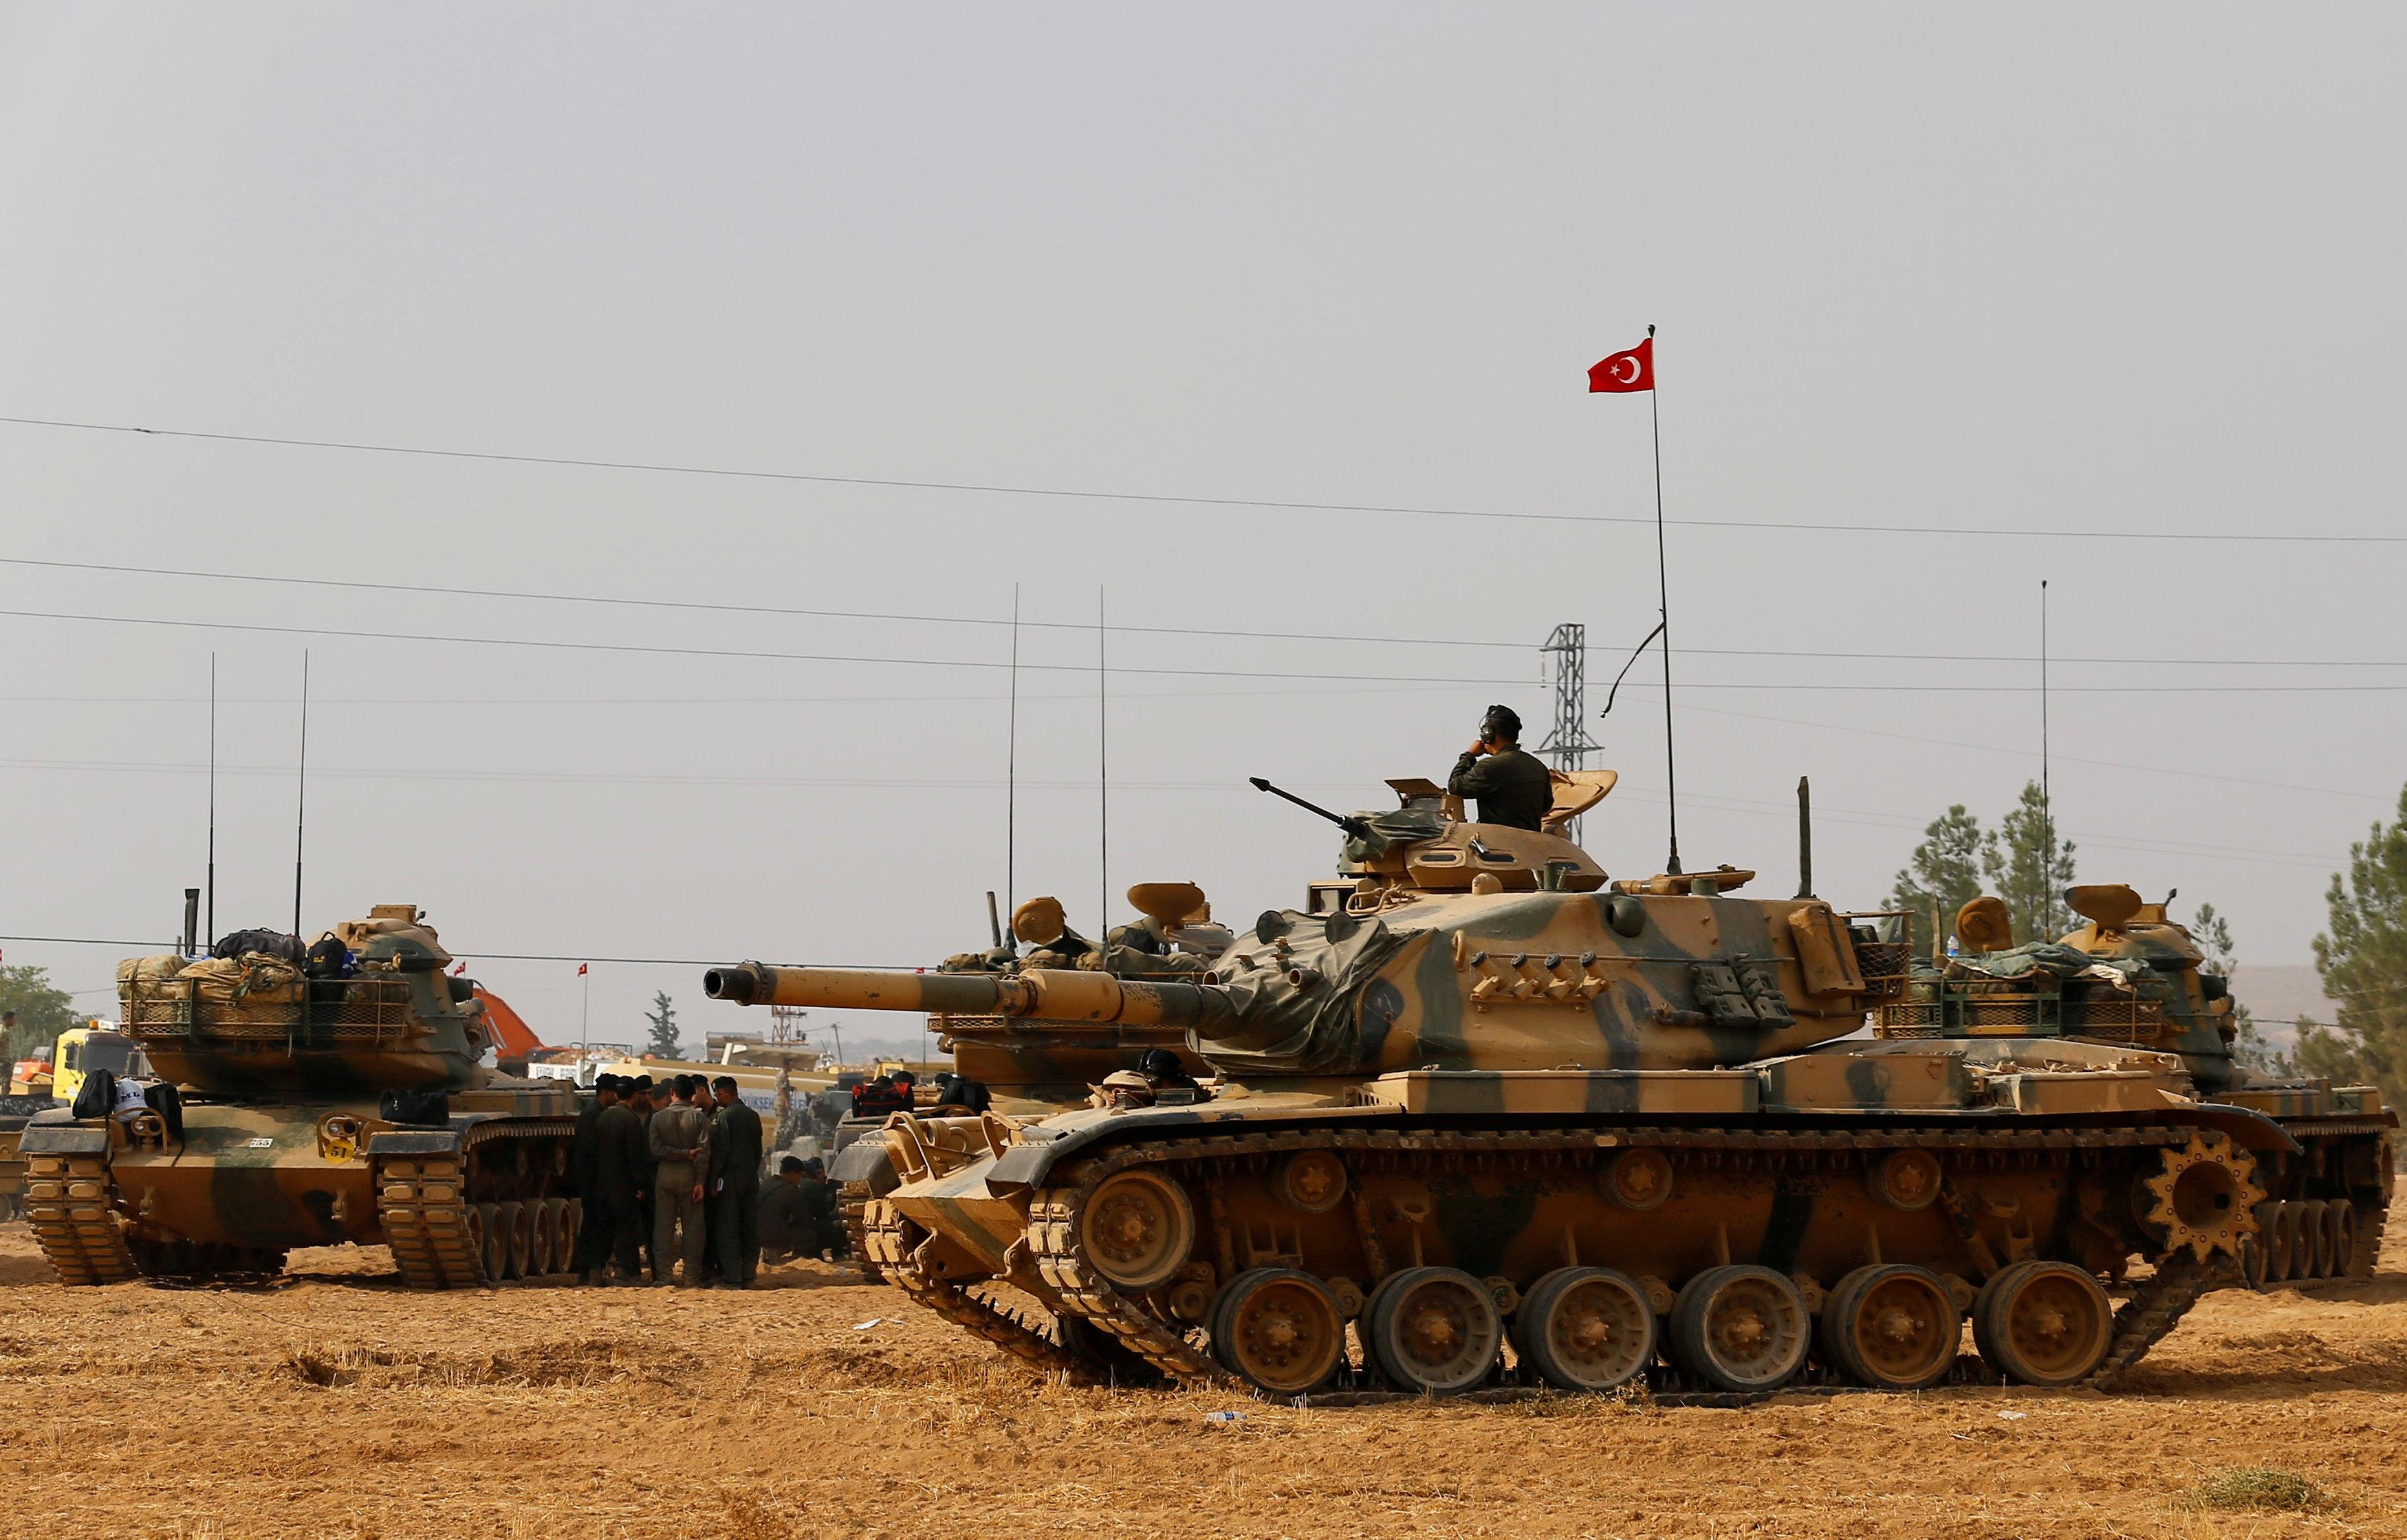 Сами турки вряд ли пойдут сейчас на широкомасштабную войну против Дамаска.